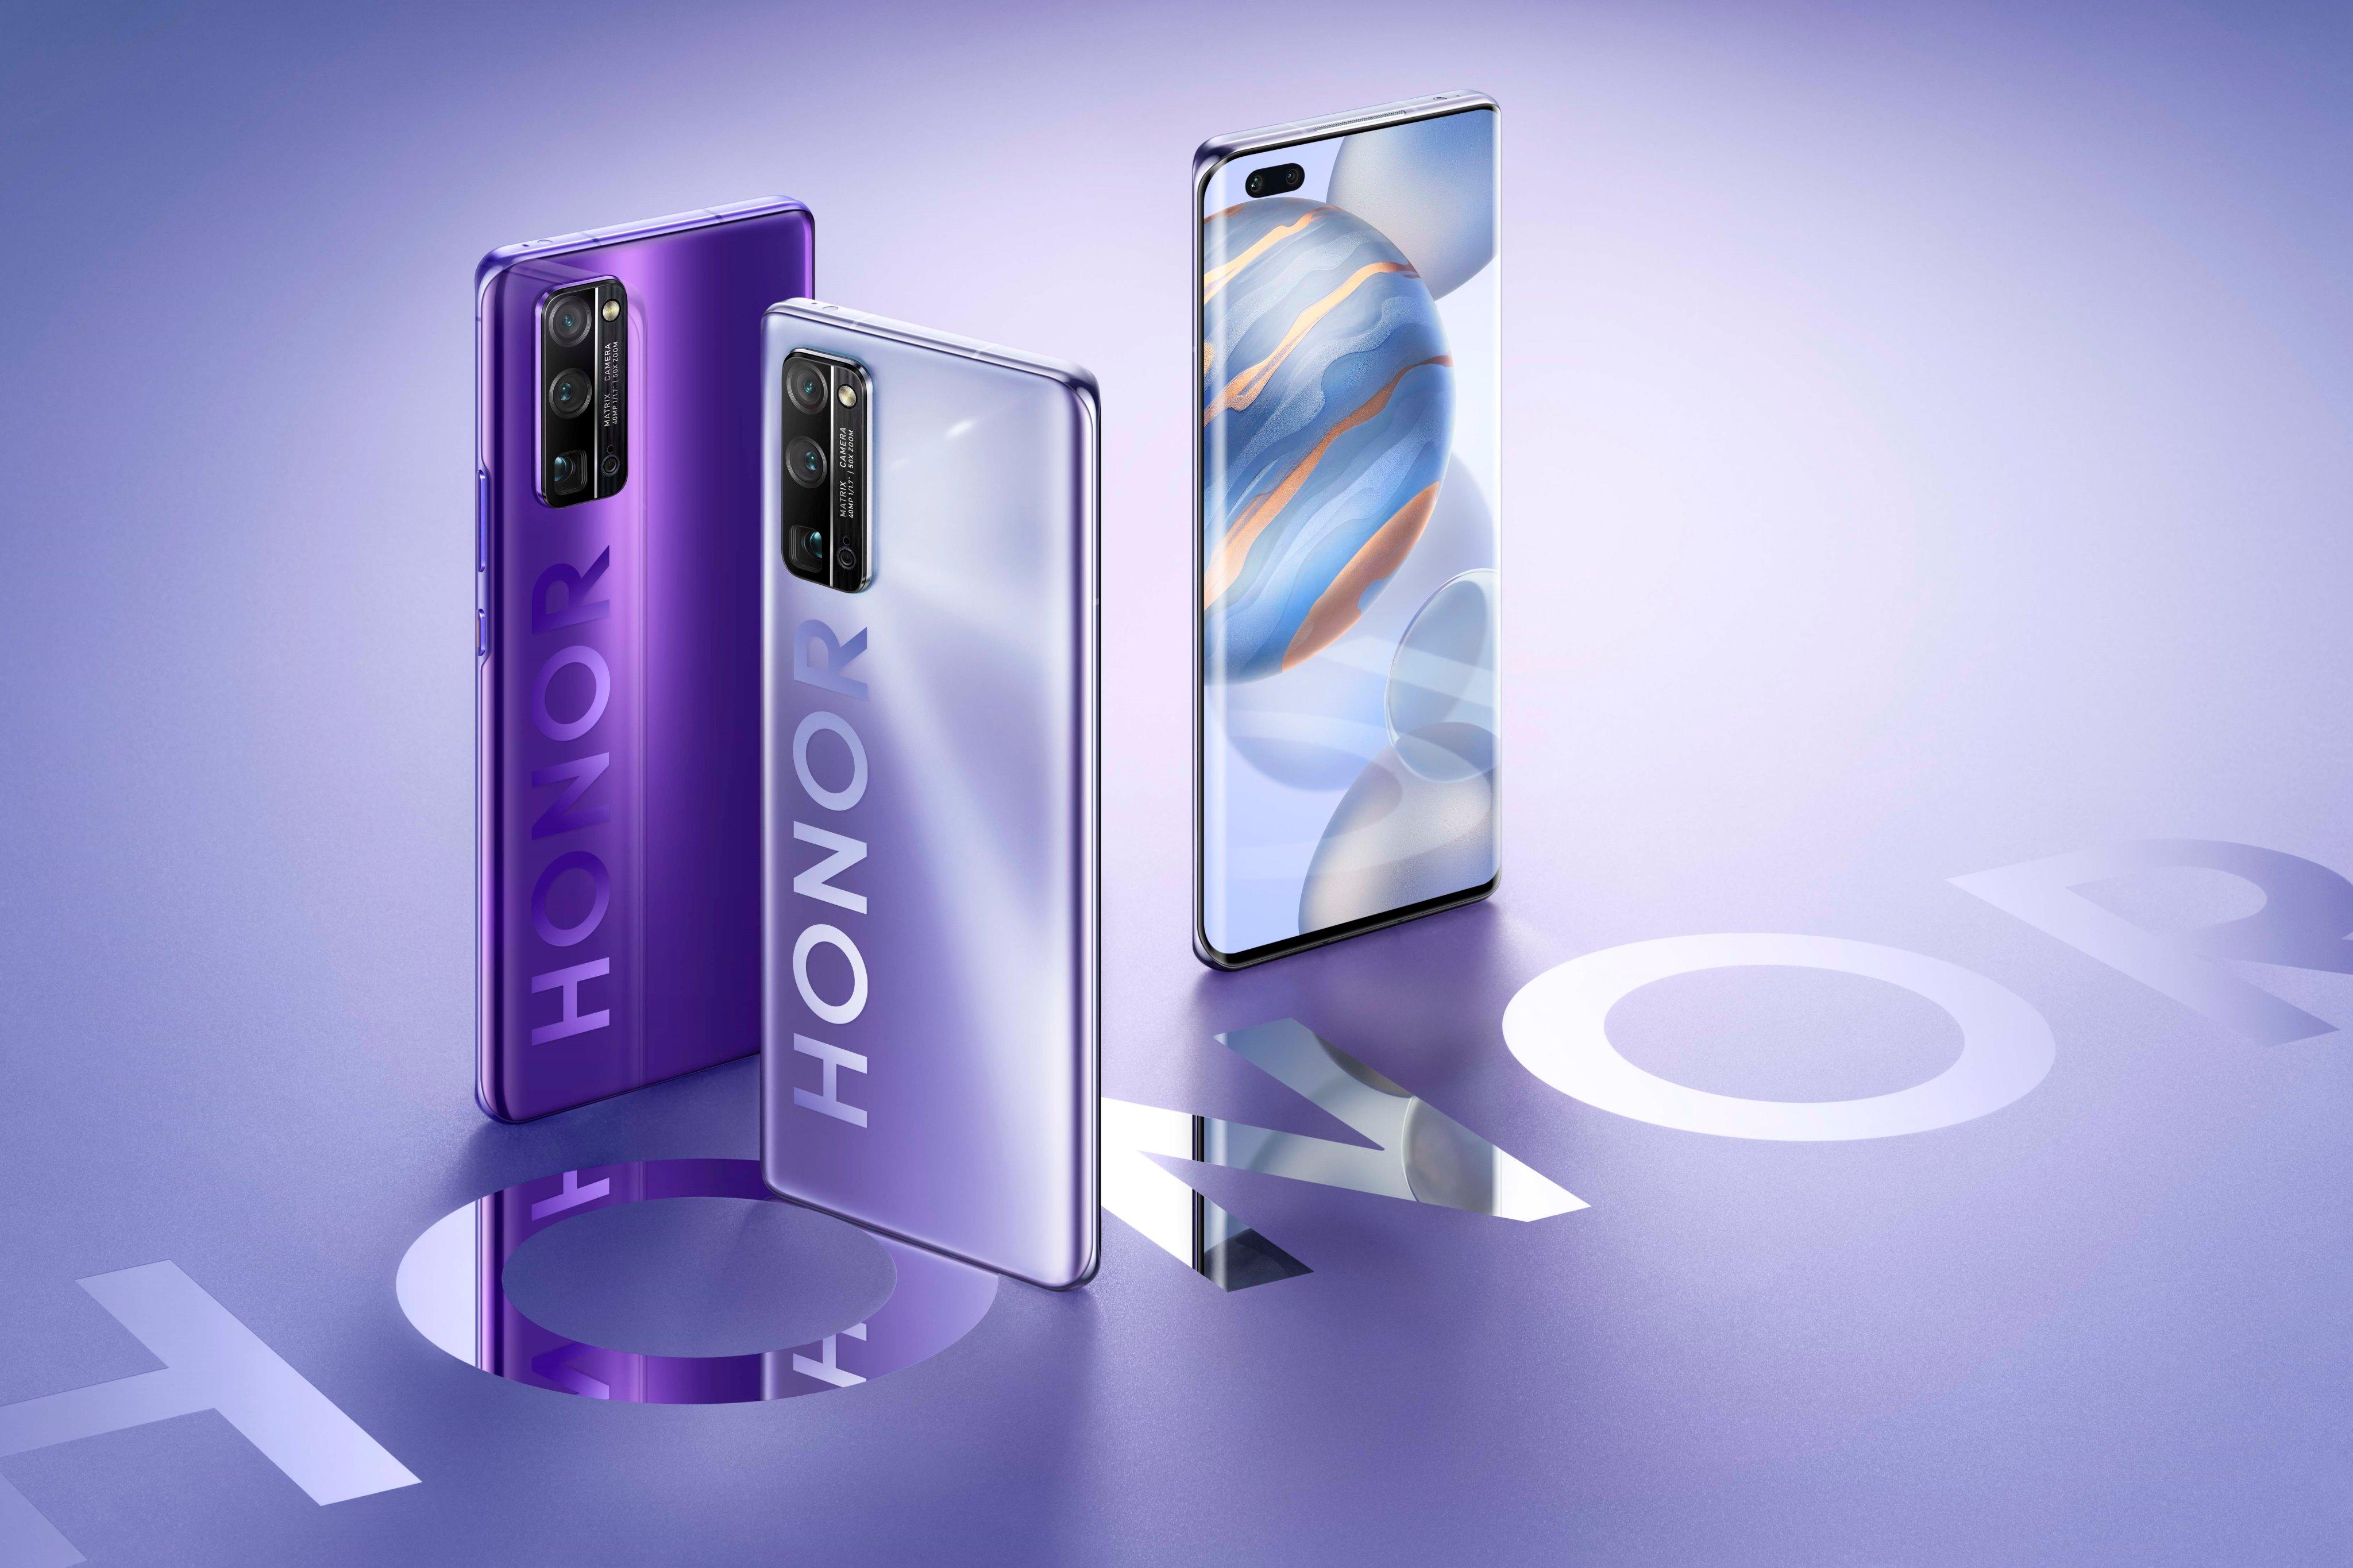 Официально: Huawei продаёт свой бренд смартфонов Honor